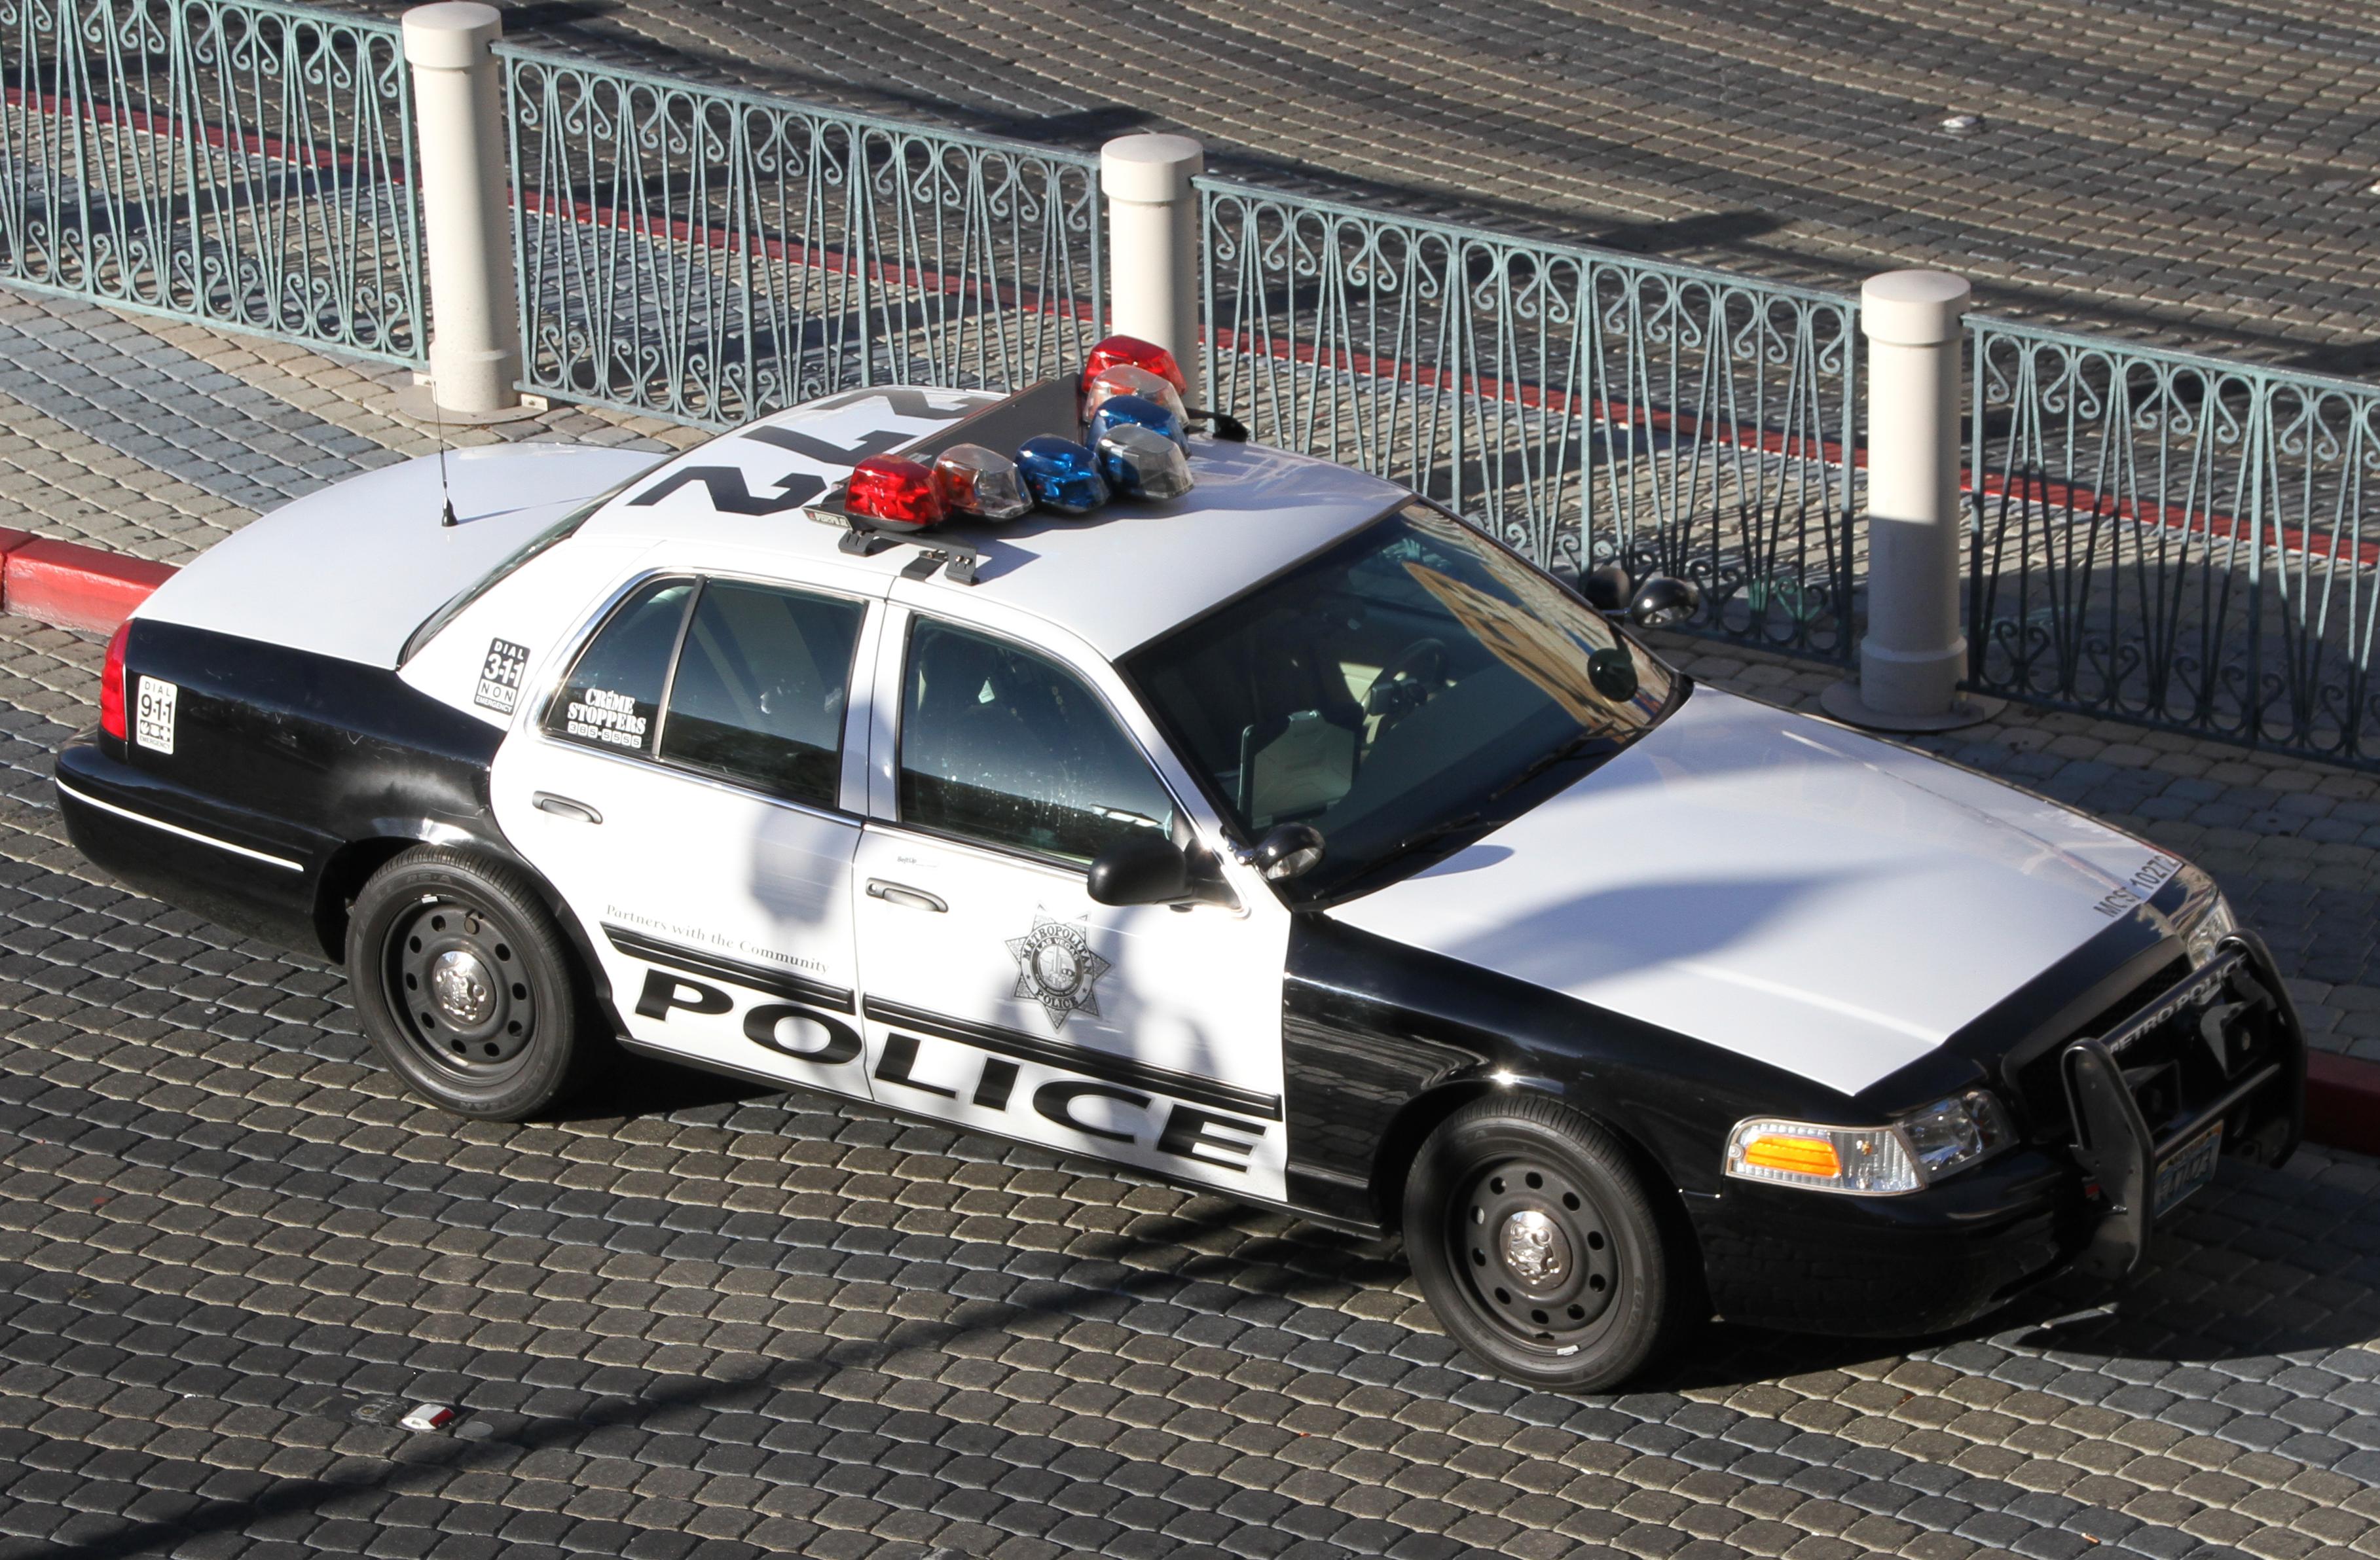 Cars Las Vegas Repair